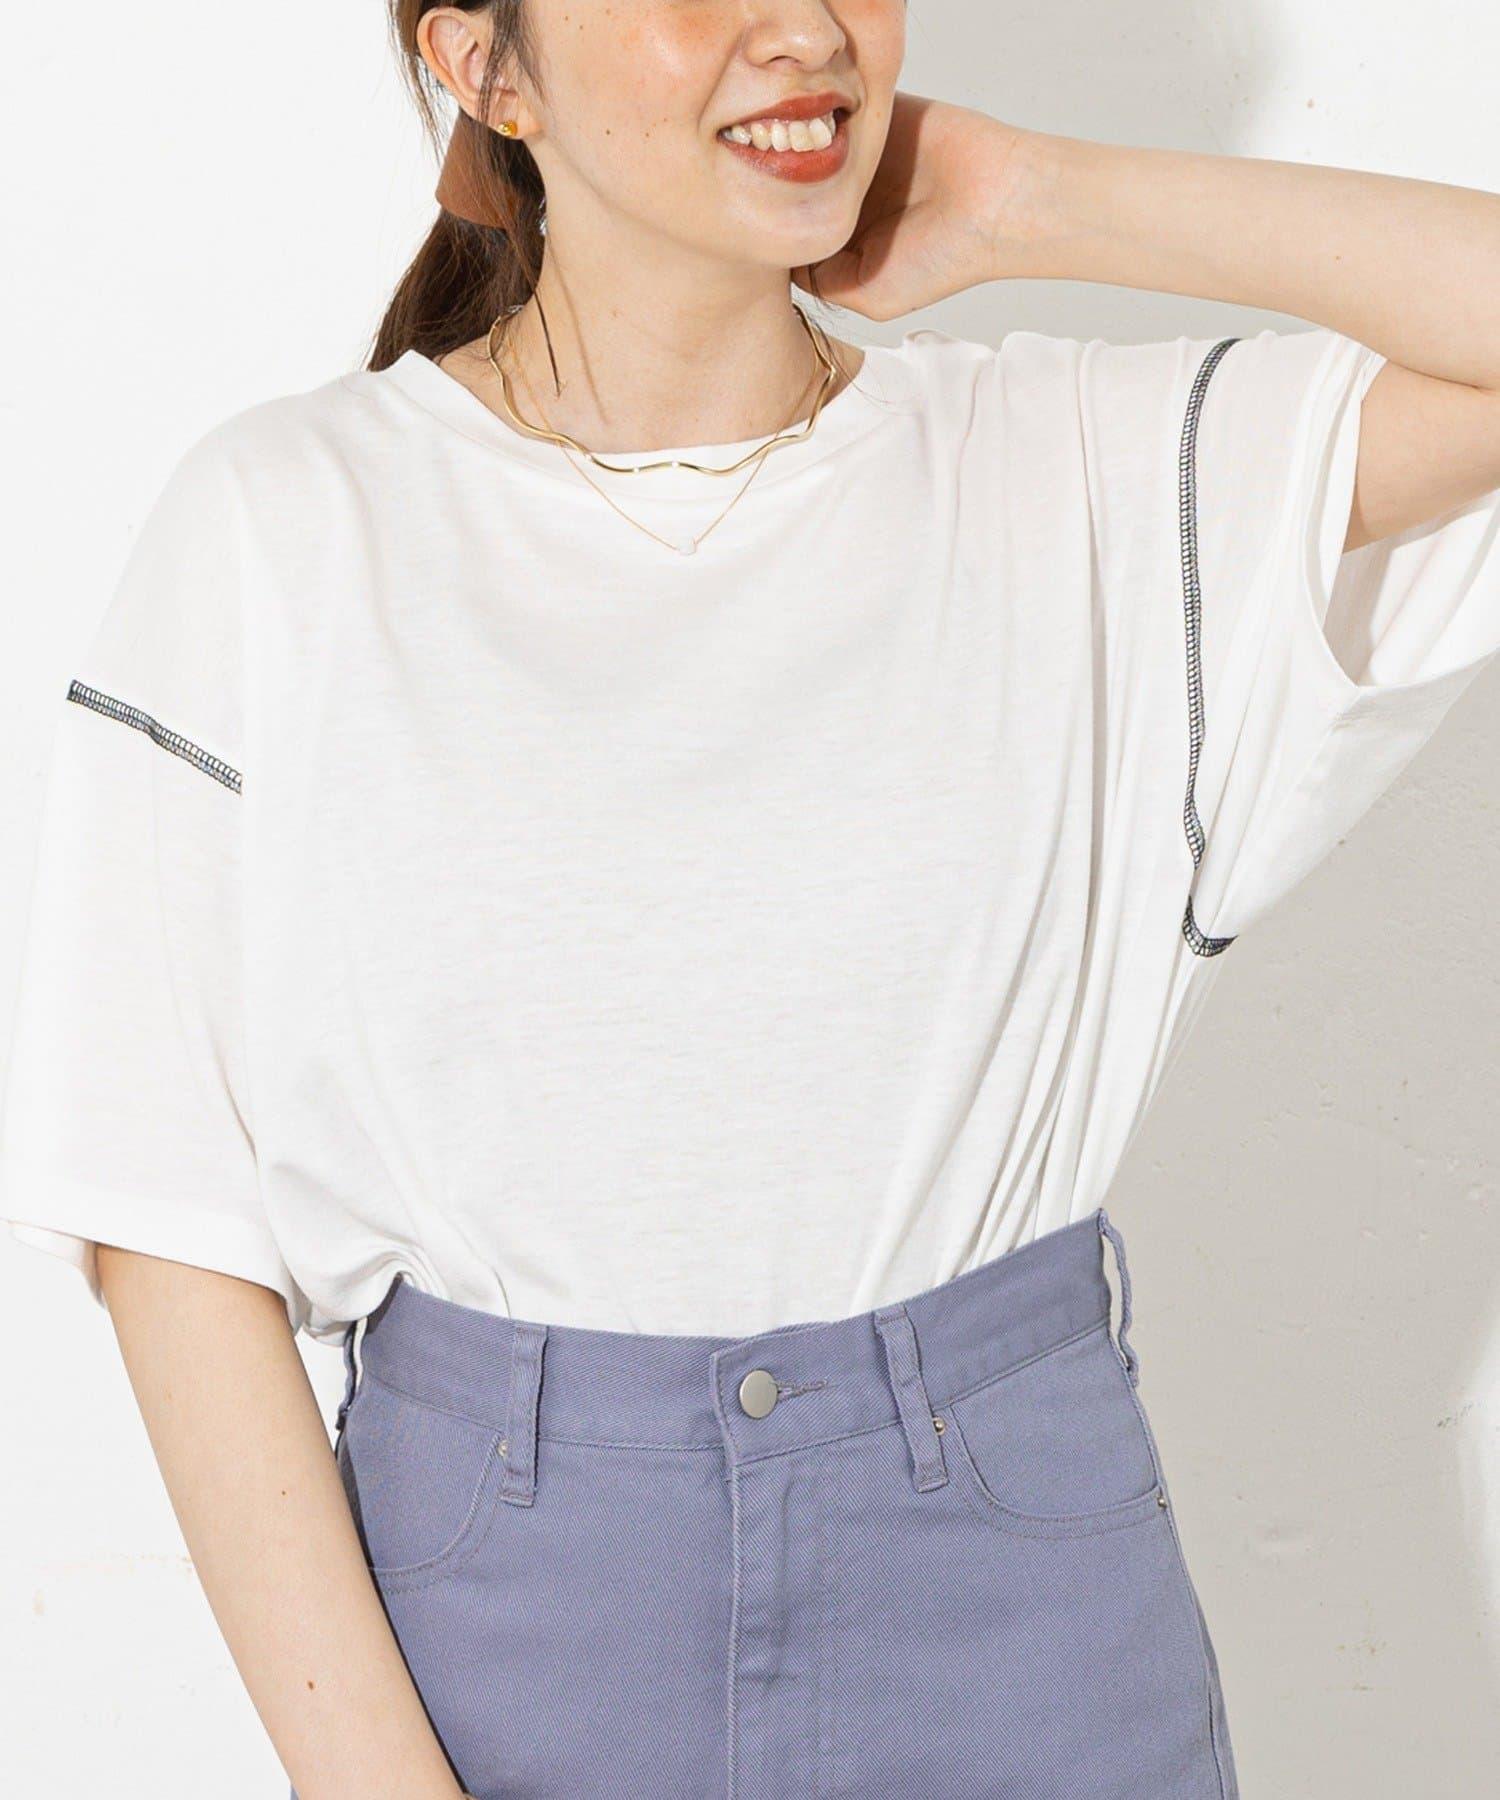 Discoat(ディスコート) レディース 【WEB限定】半袖配色ラウンドTシャツ ホワイト